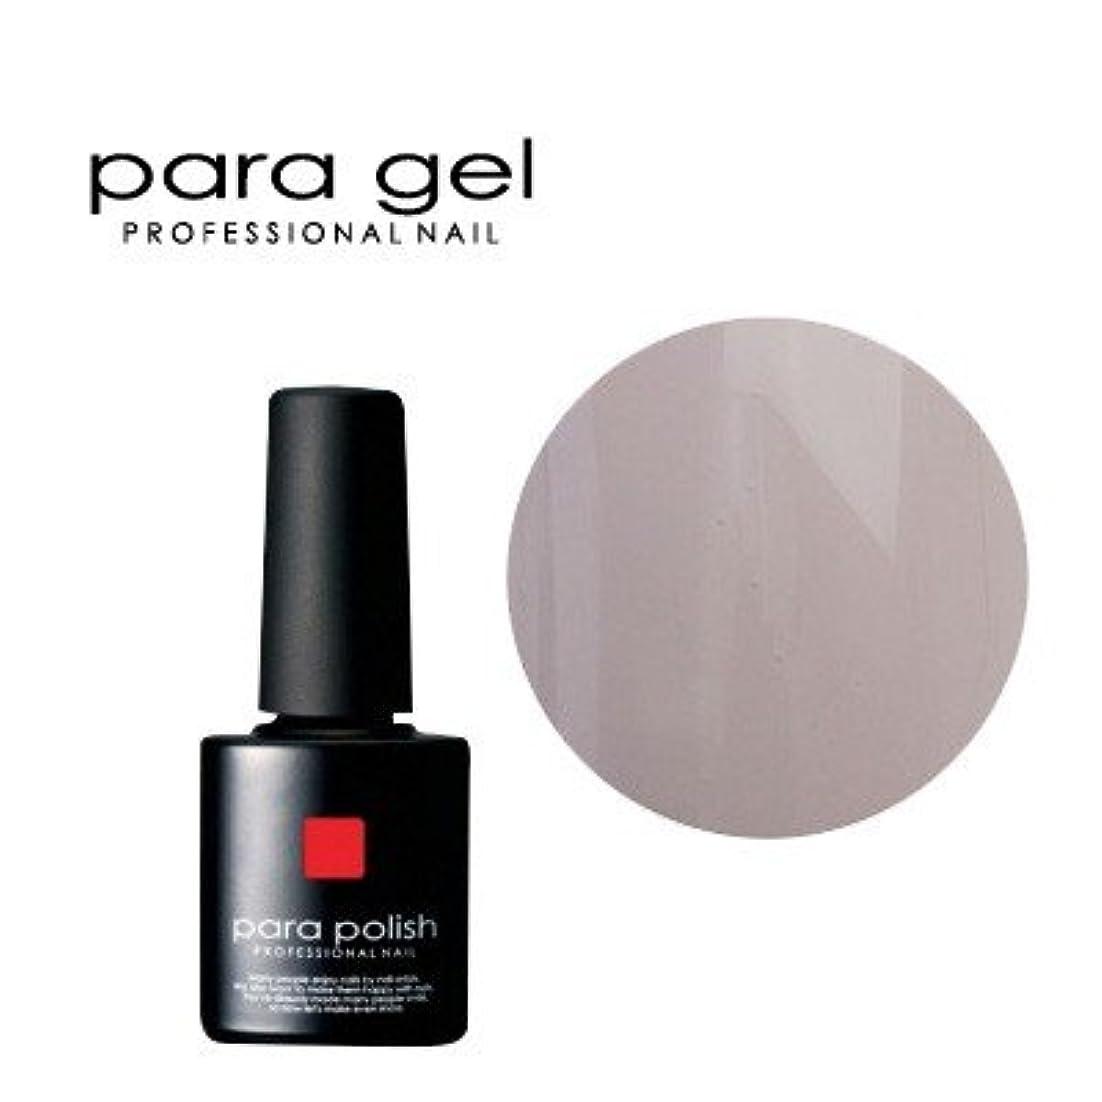 集団的行き当たりばったり警告するパラジェル para polish(パラポリッシュ) カラージェル MD10 グレージュ 7g